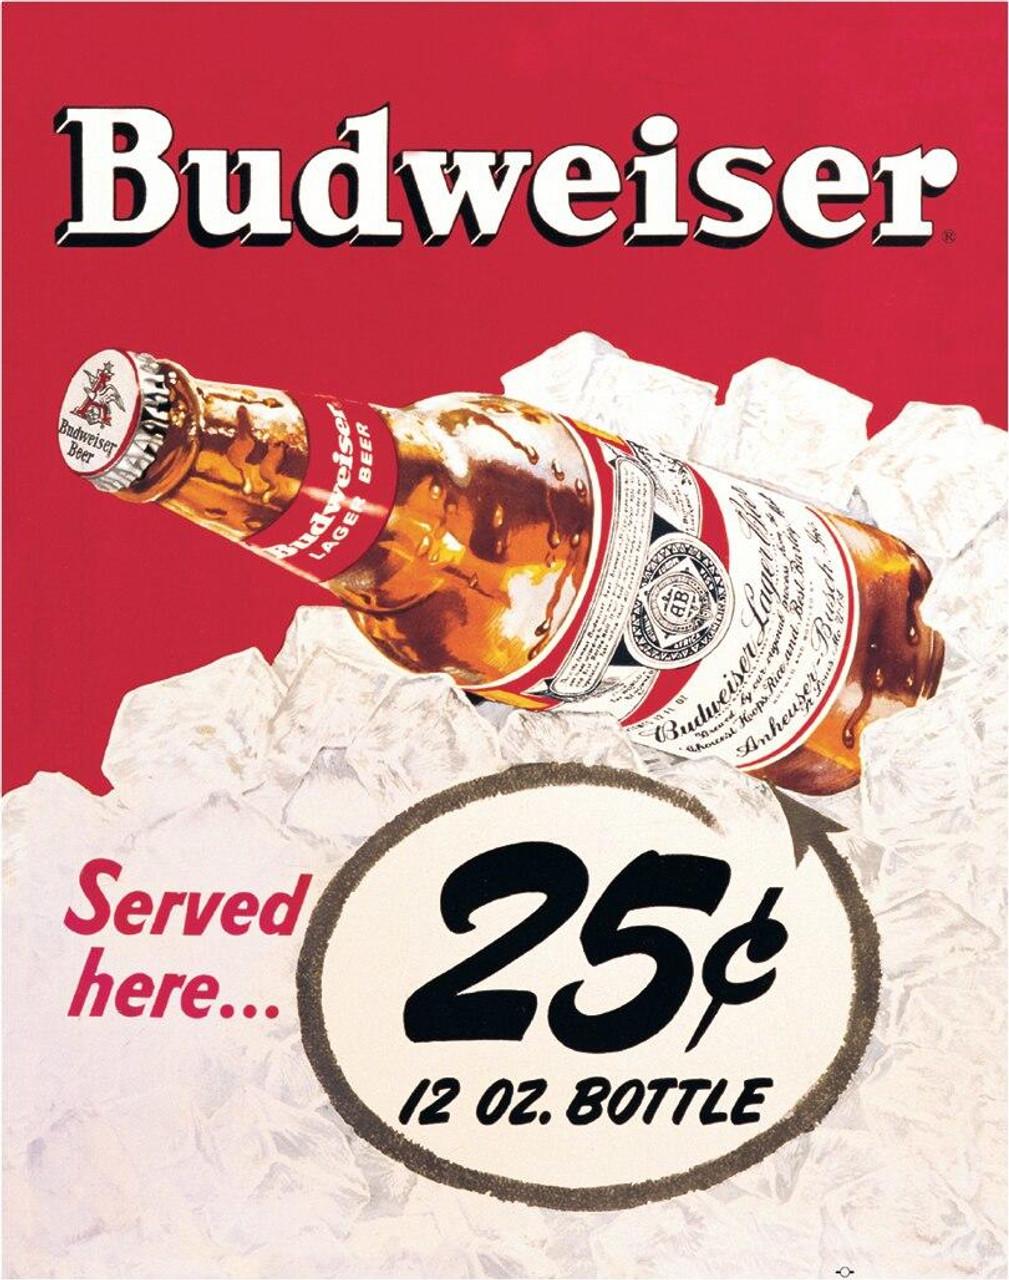 Anheuser-Busch Budweiser - 25 Cent